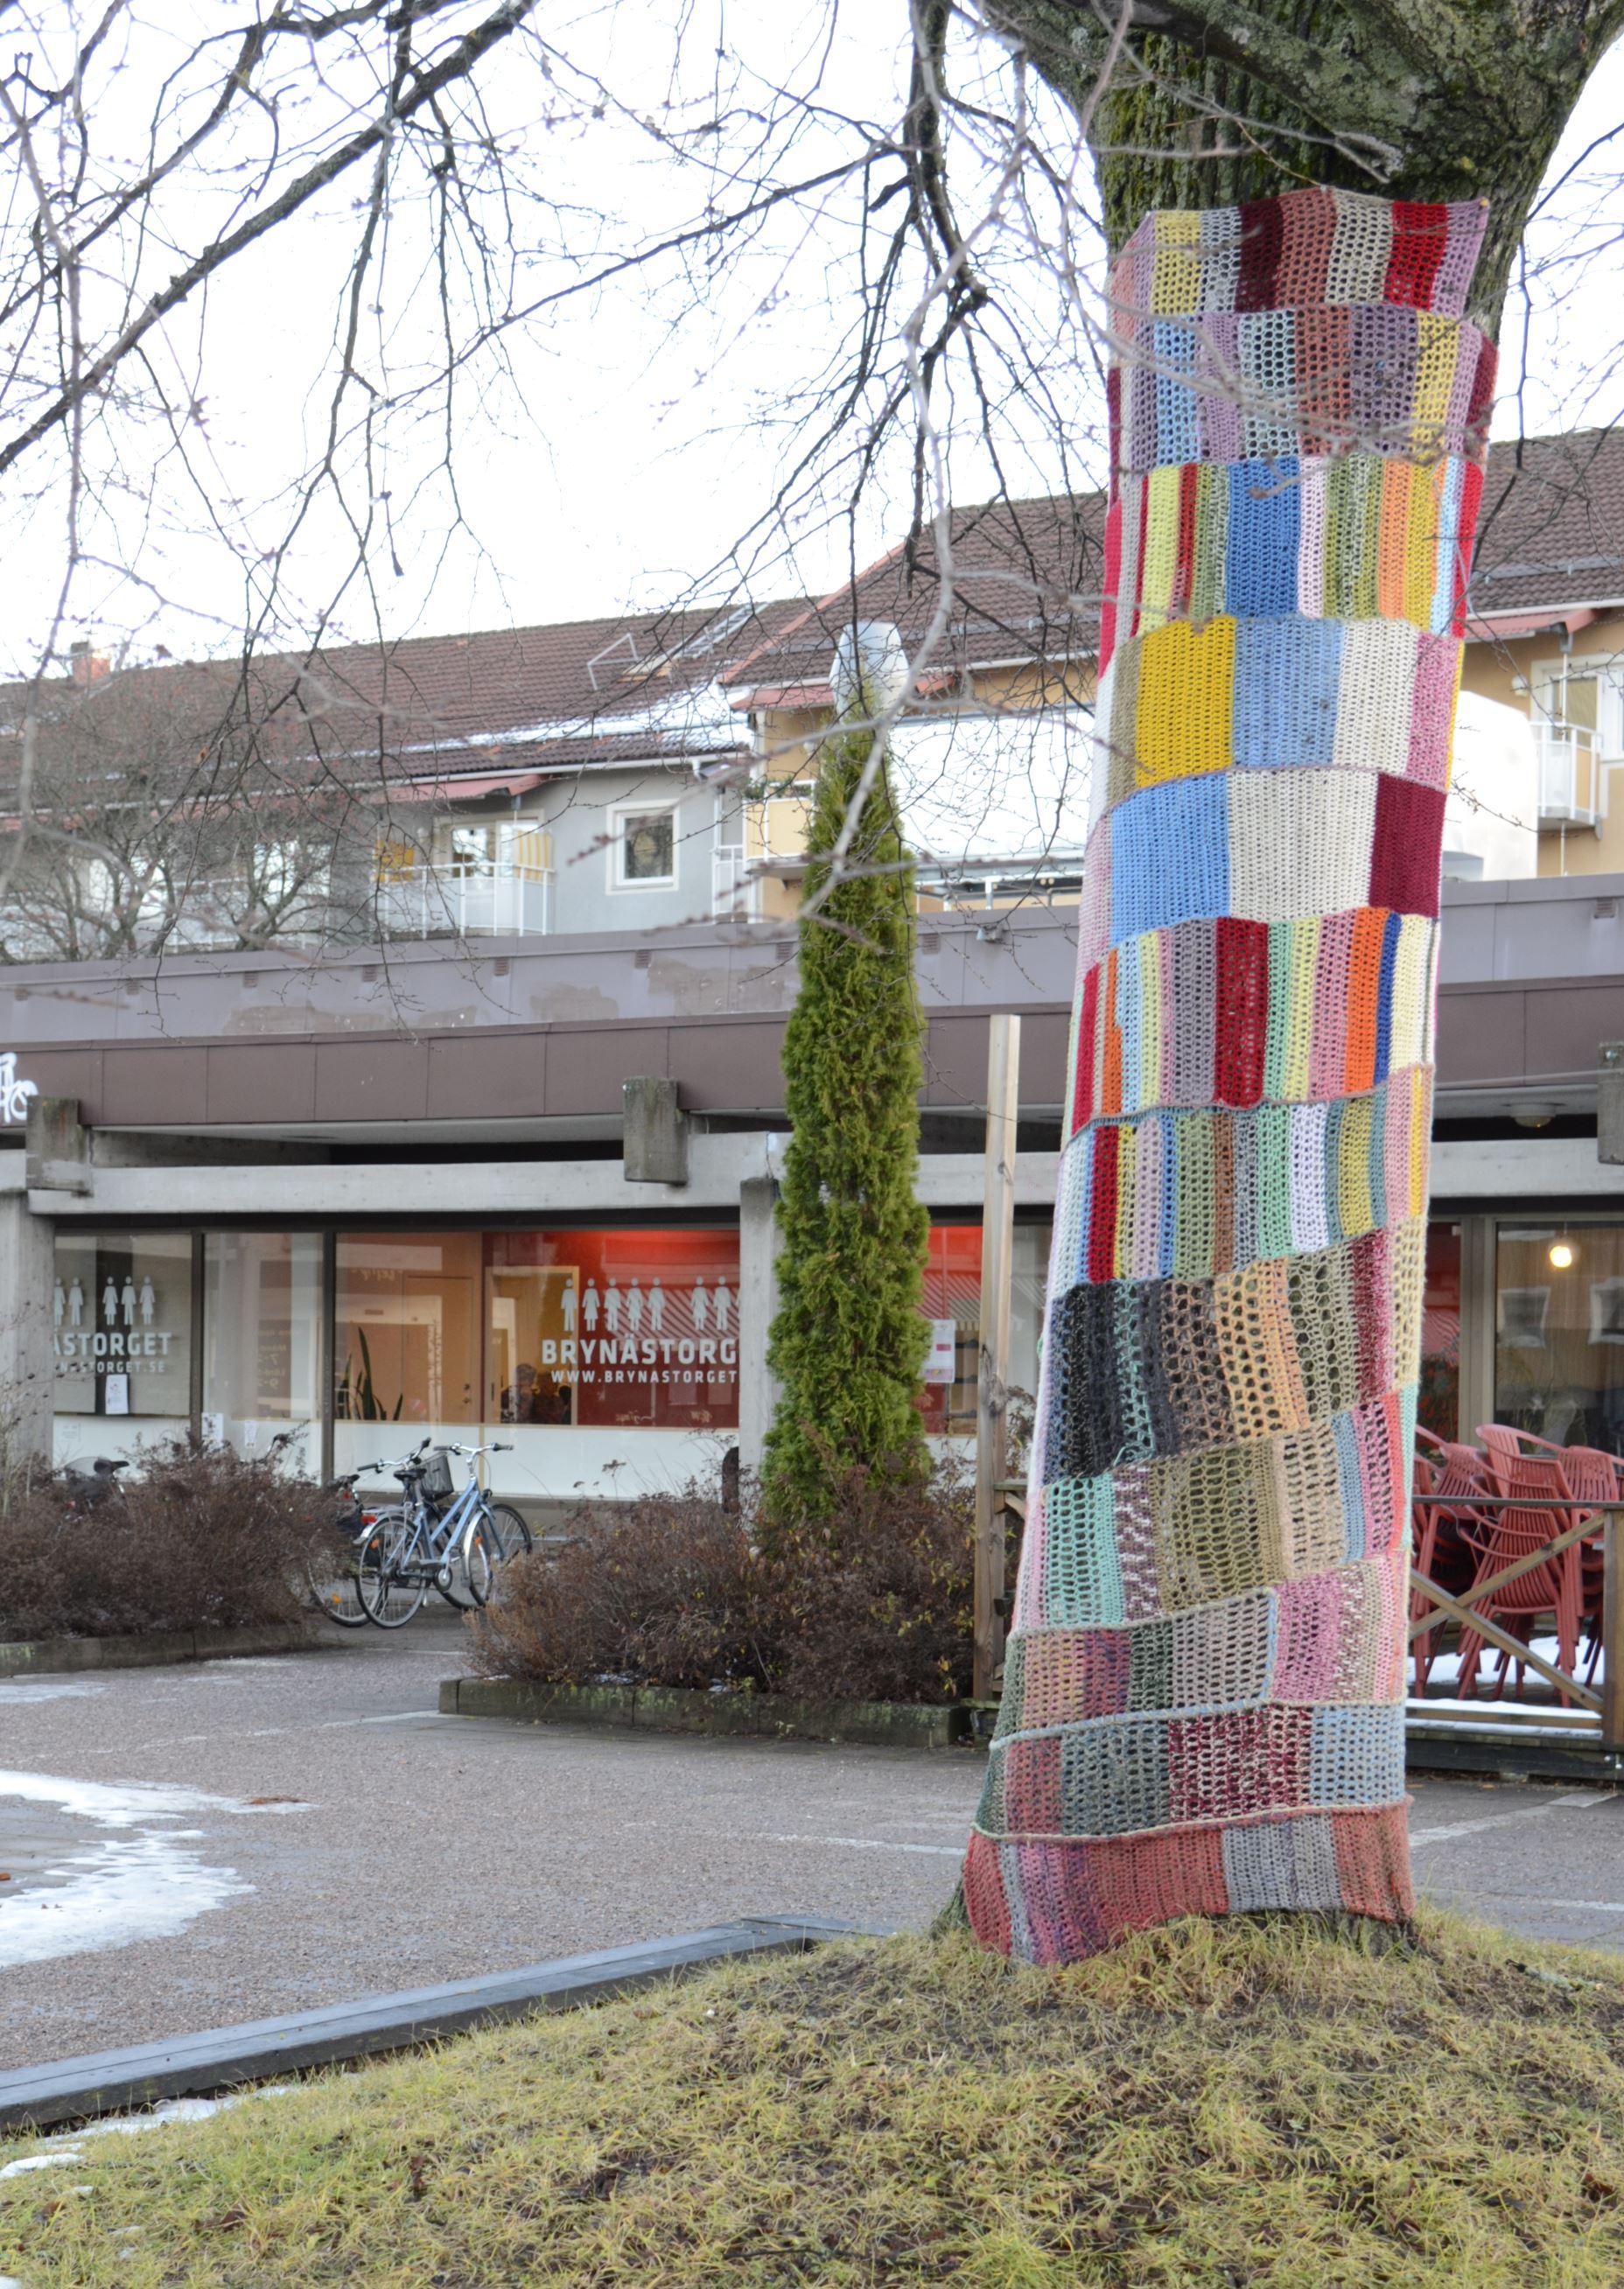 Finland 100 år - Finska konstnärer i Gävle